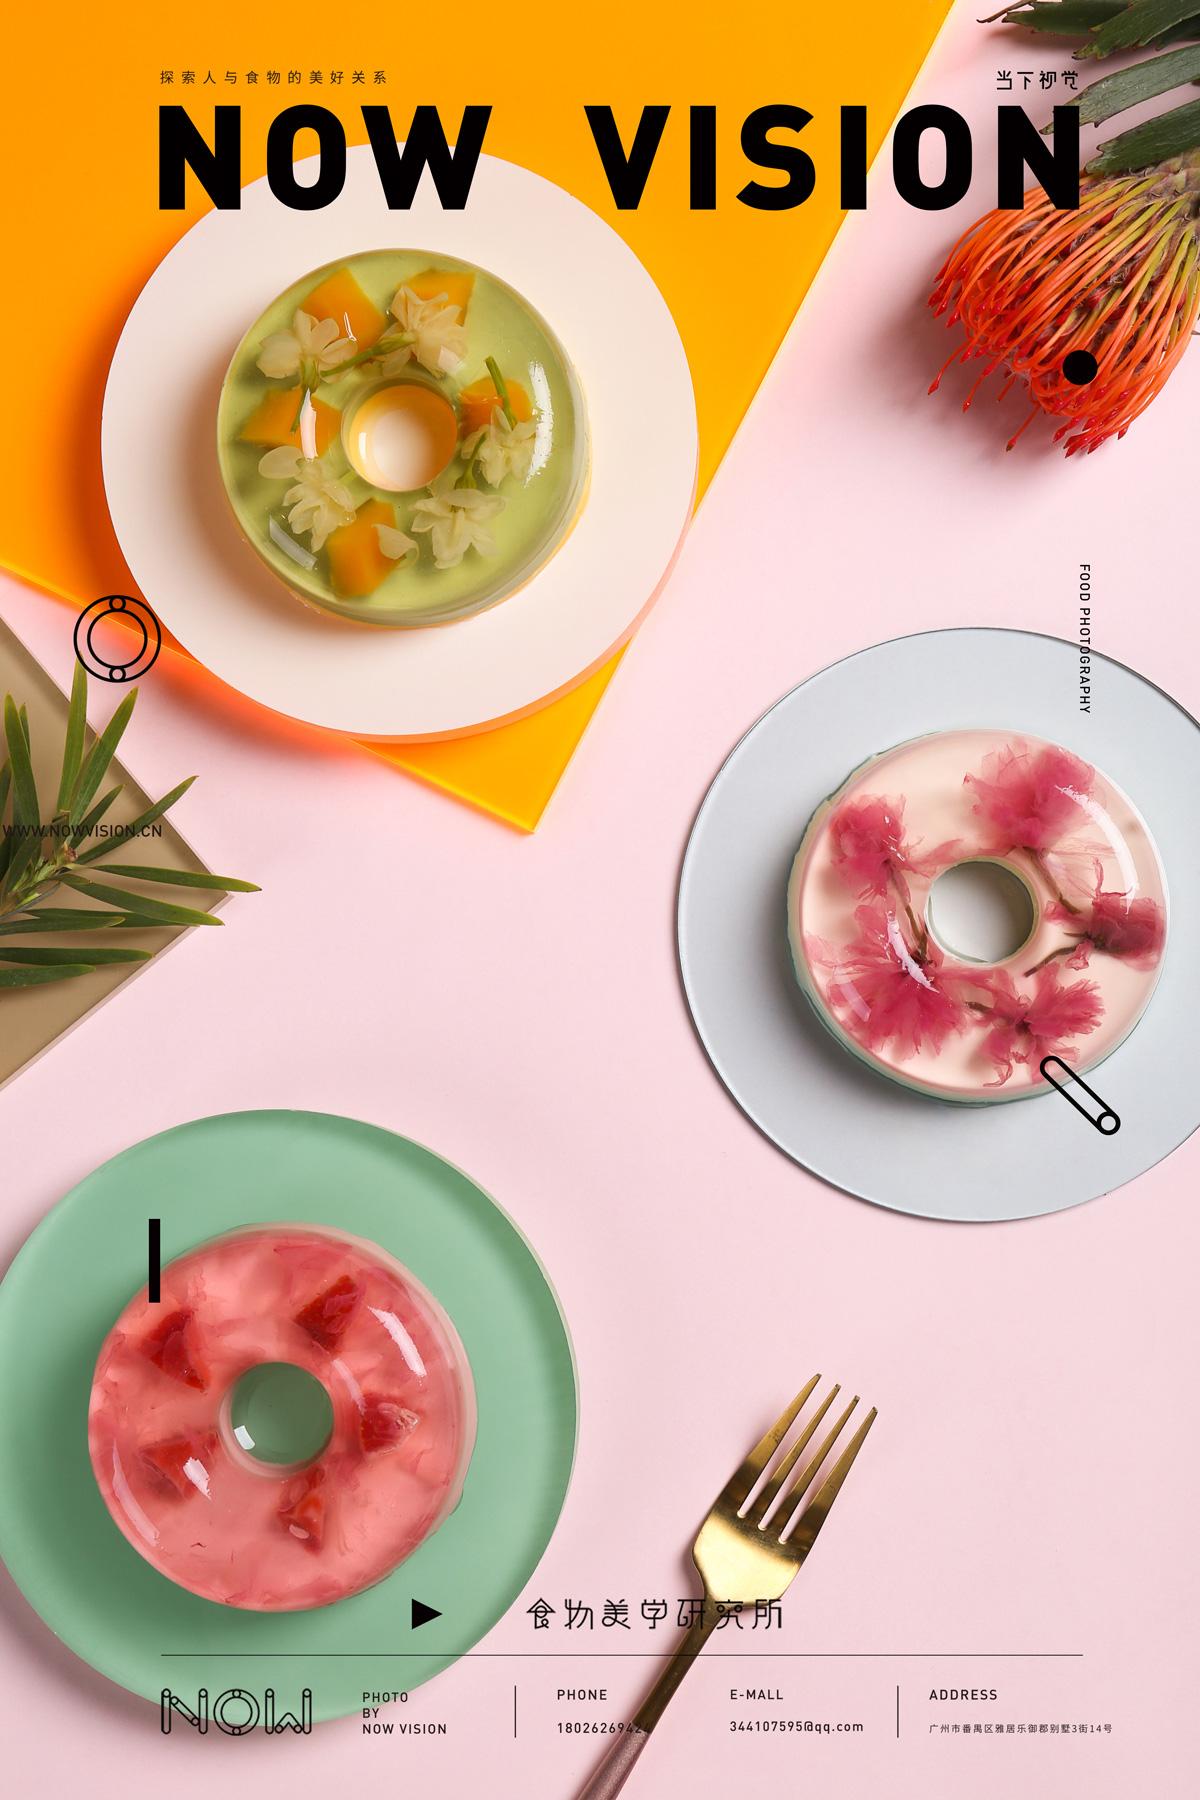 奉茶饮品欧包摄影 I 食物的的色彩偏执狂